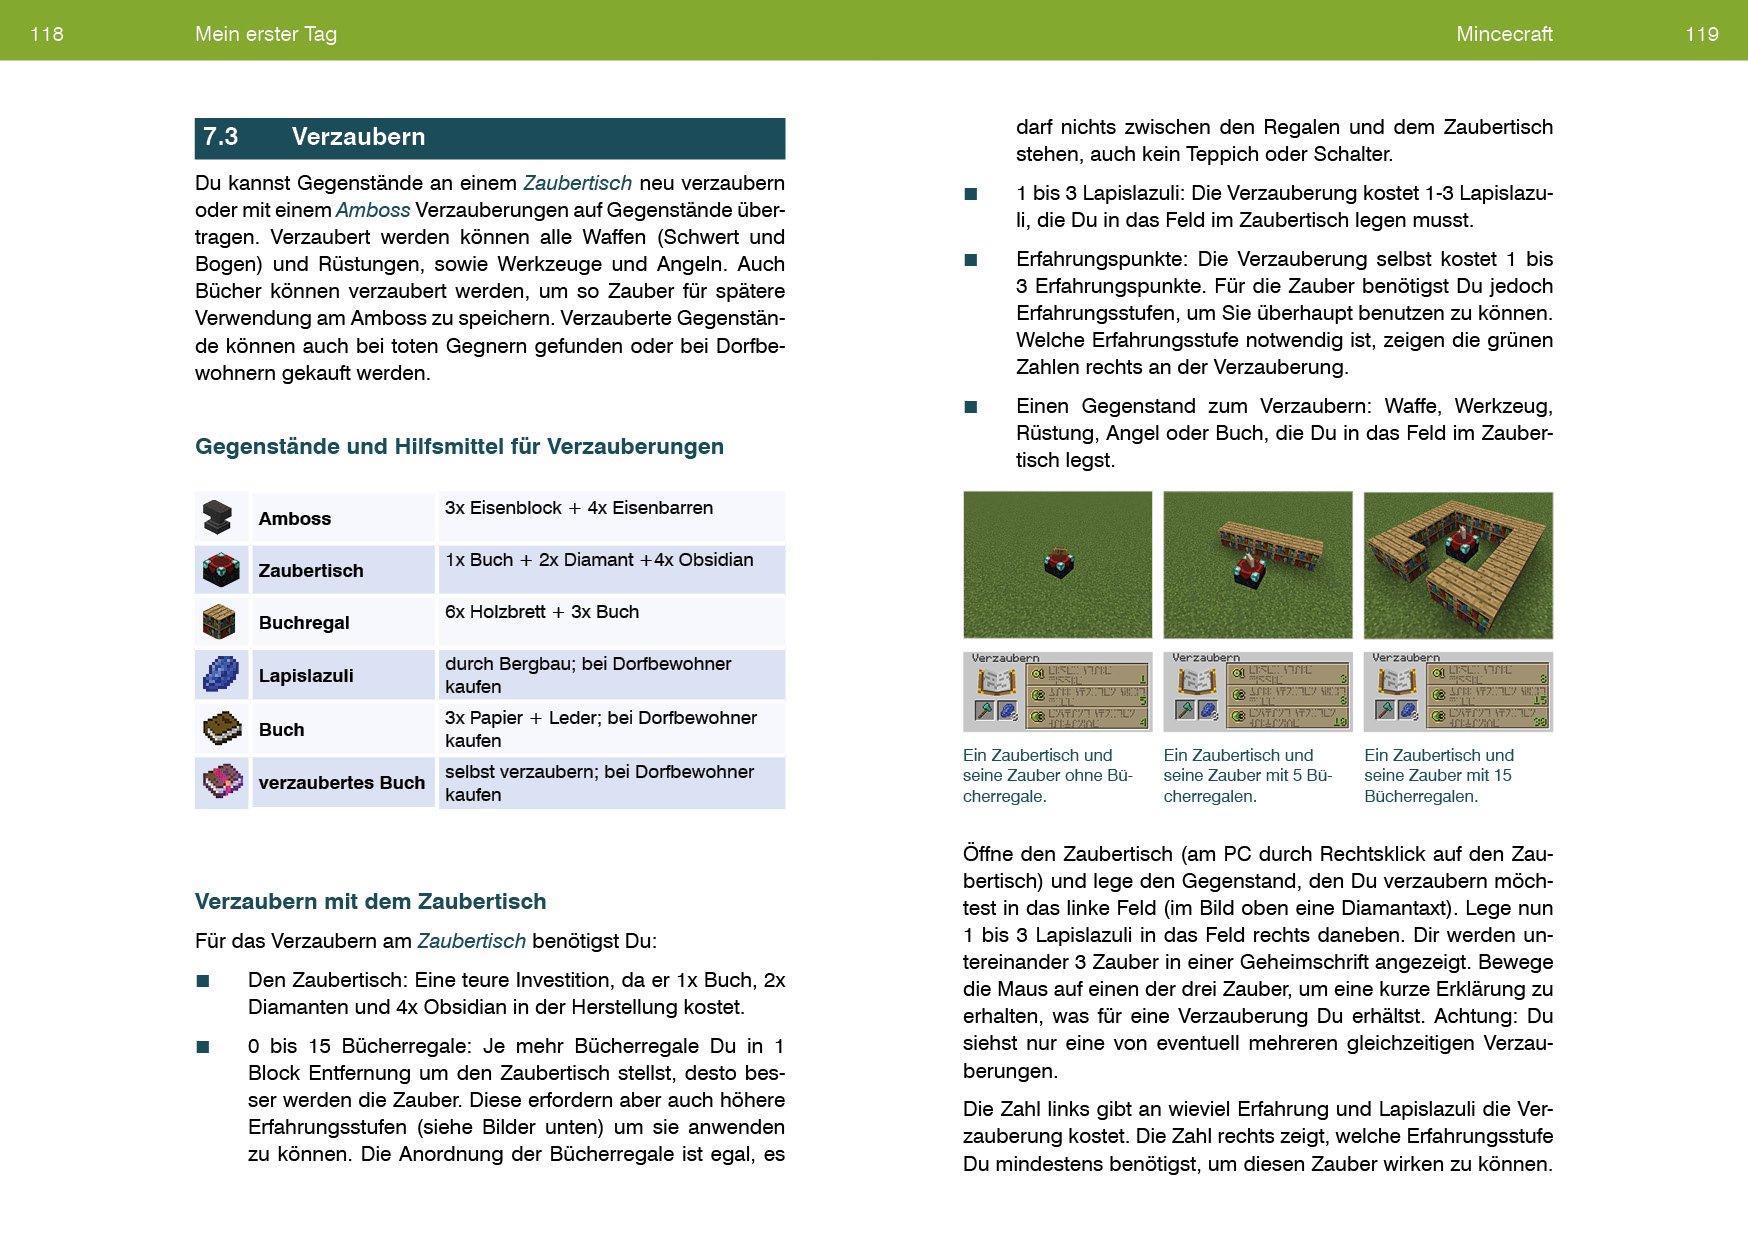 Bücherregale Minecraft minecraft leicht gemacht 9783832801809 amazon com books